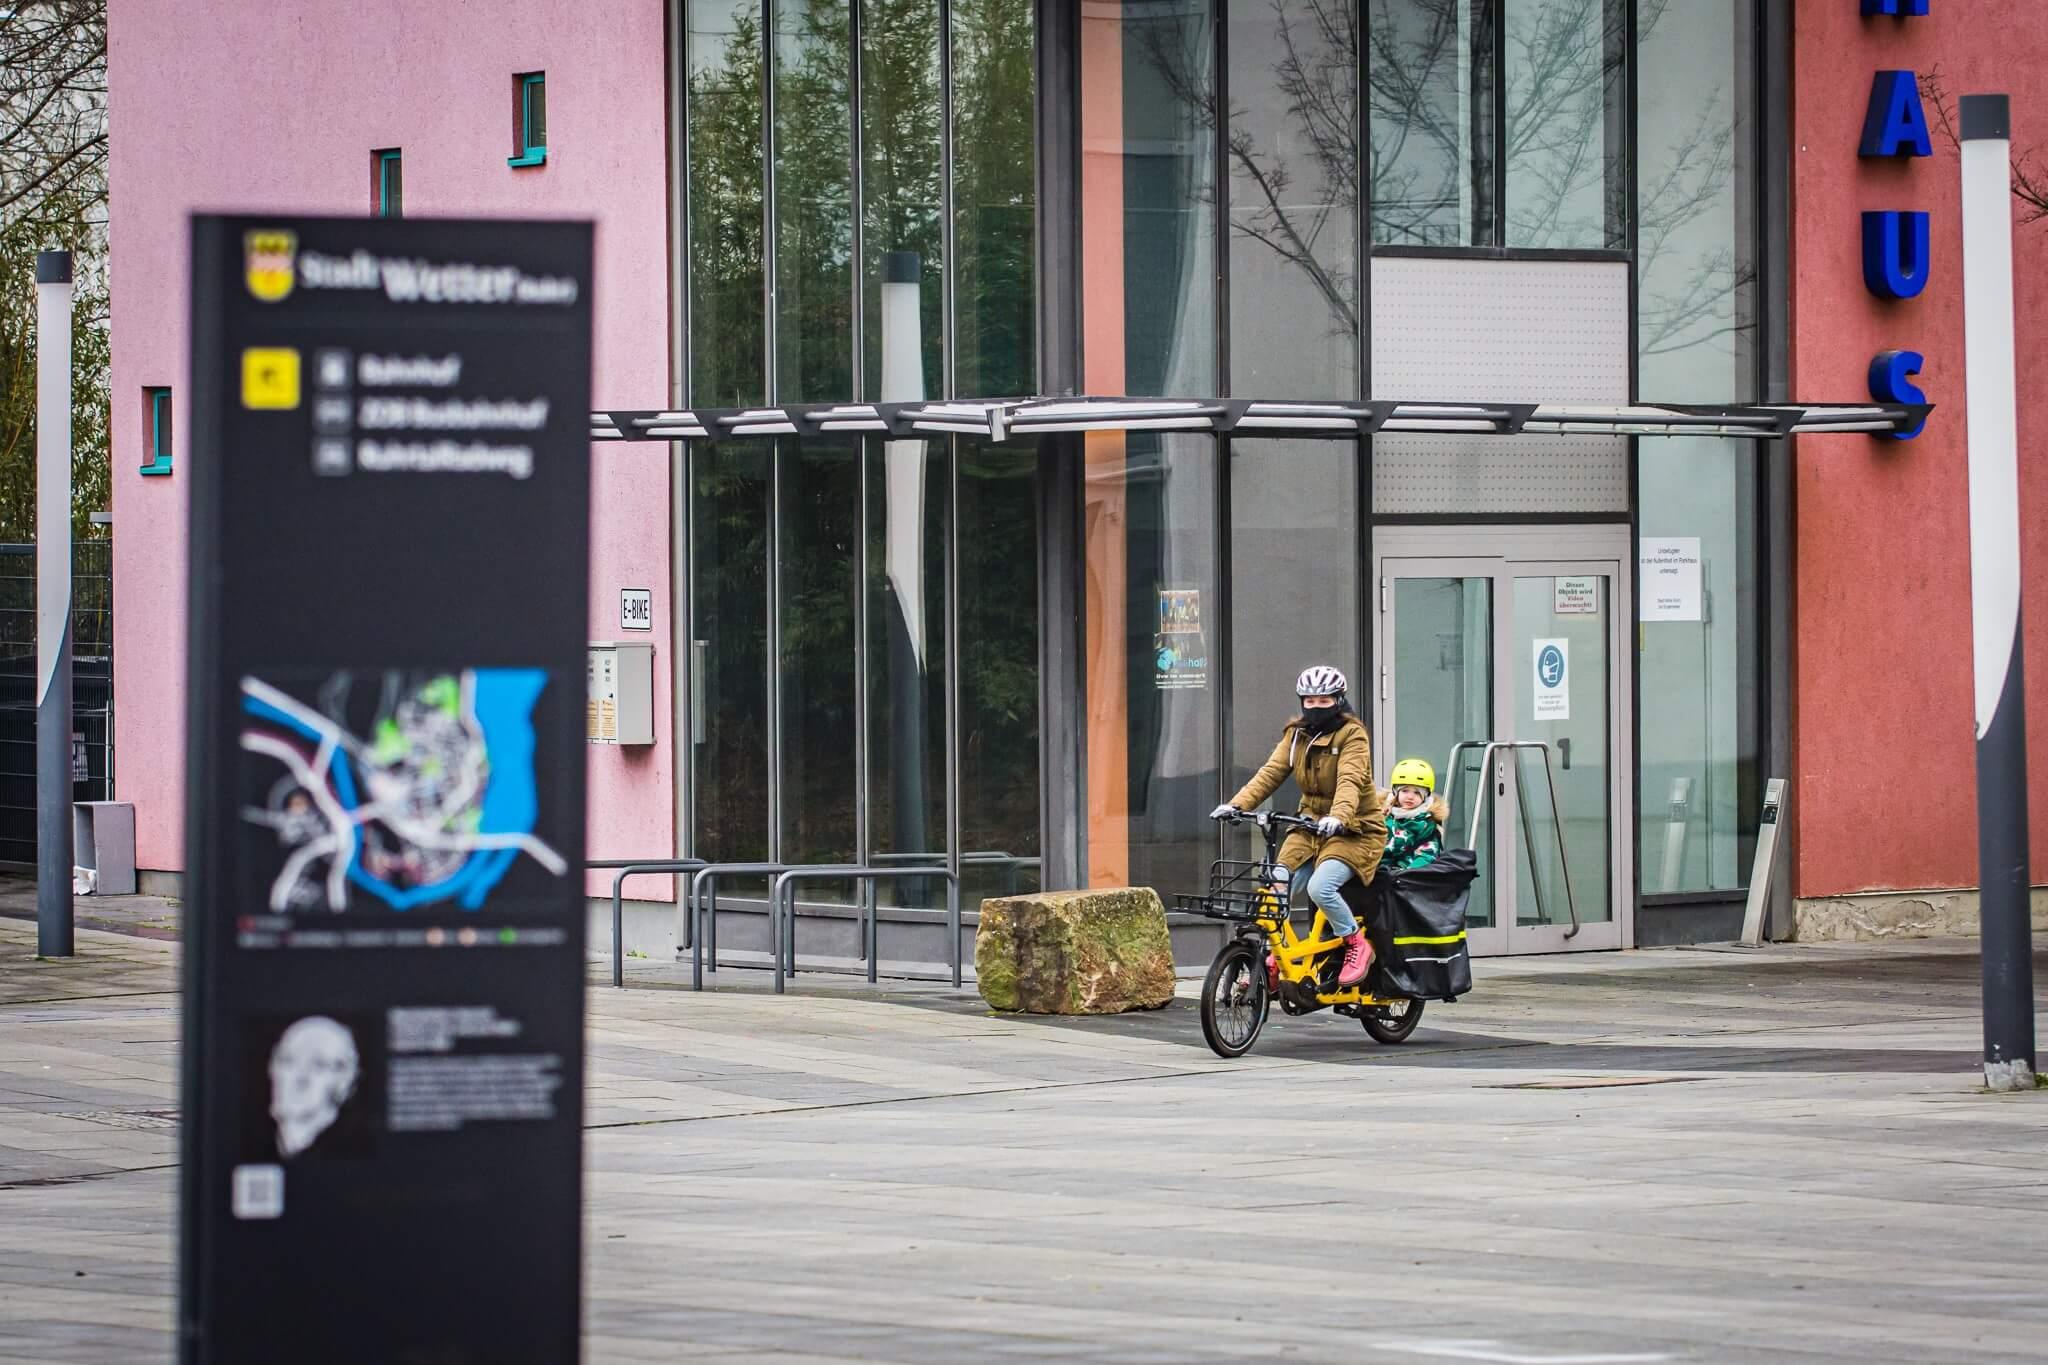 Mobilitätswende in Wetter?